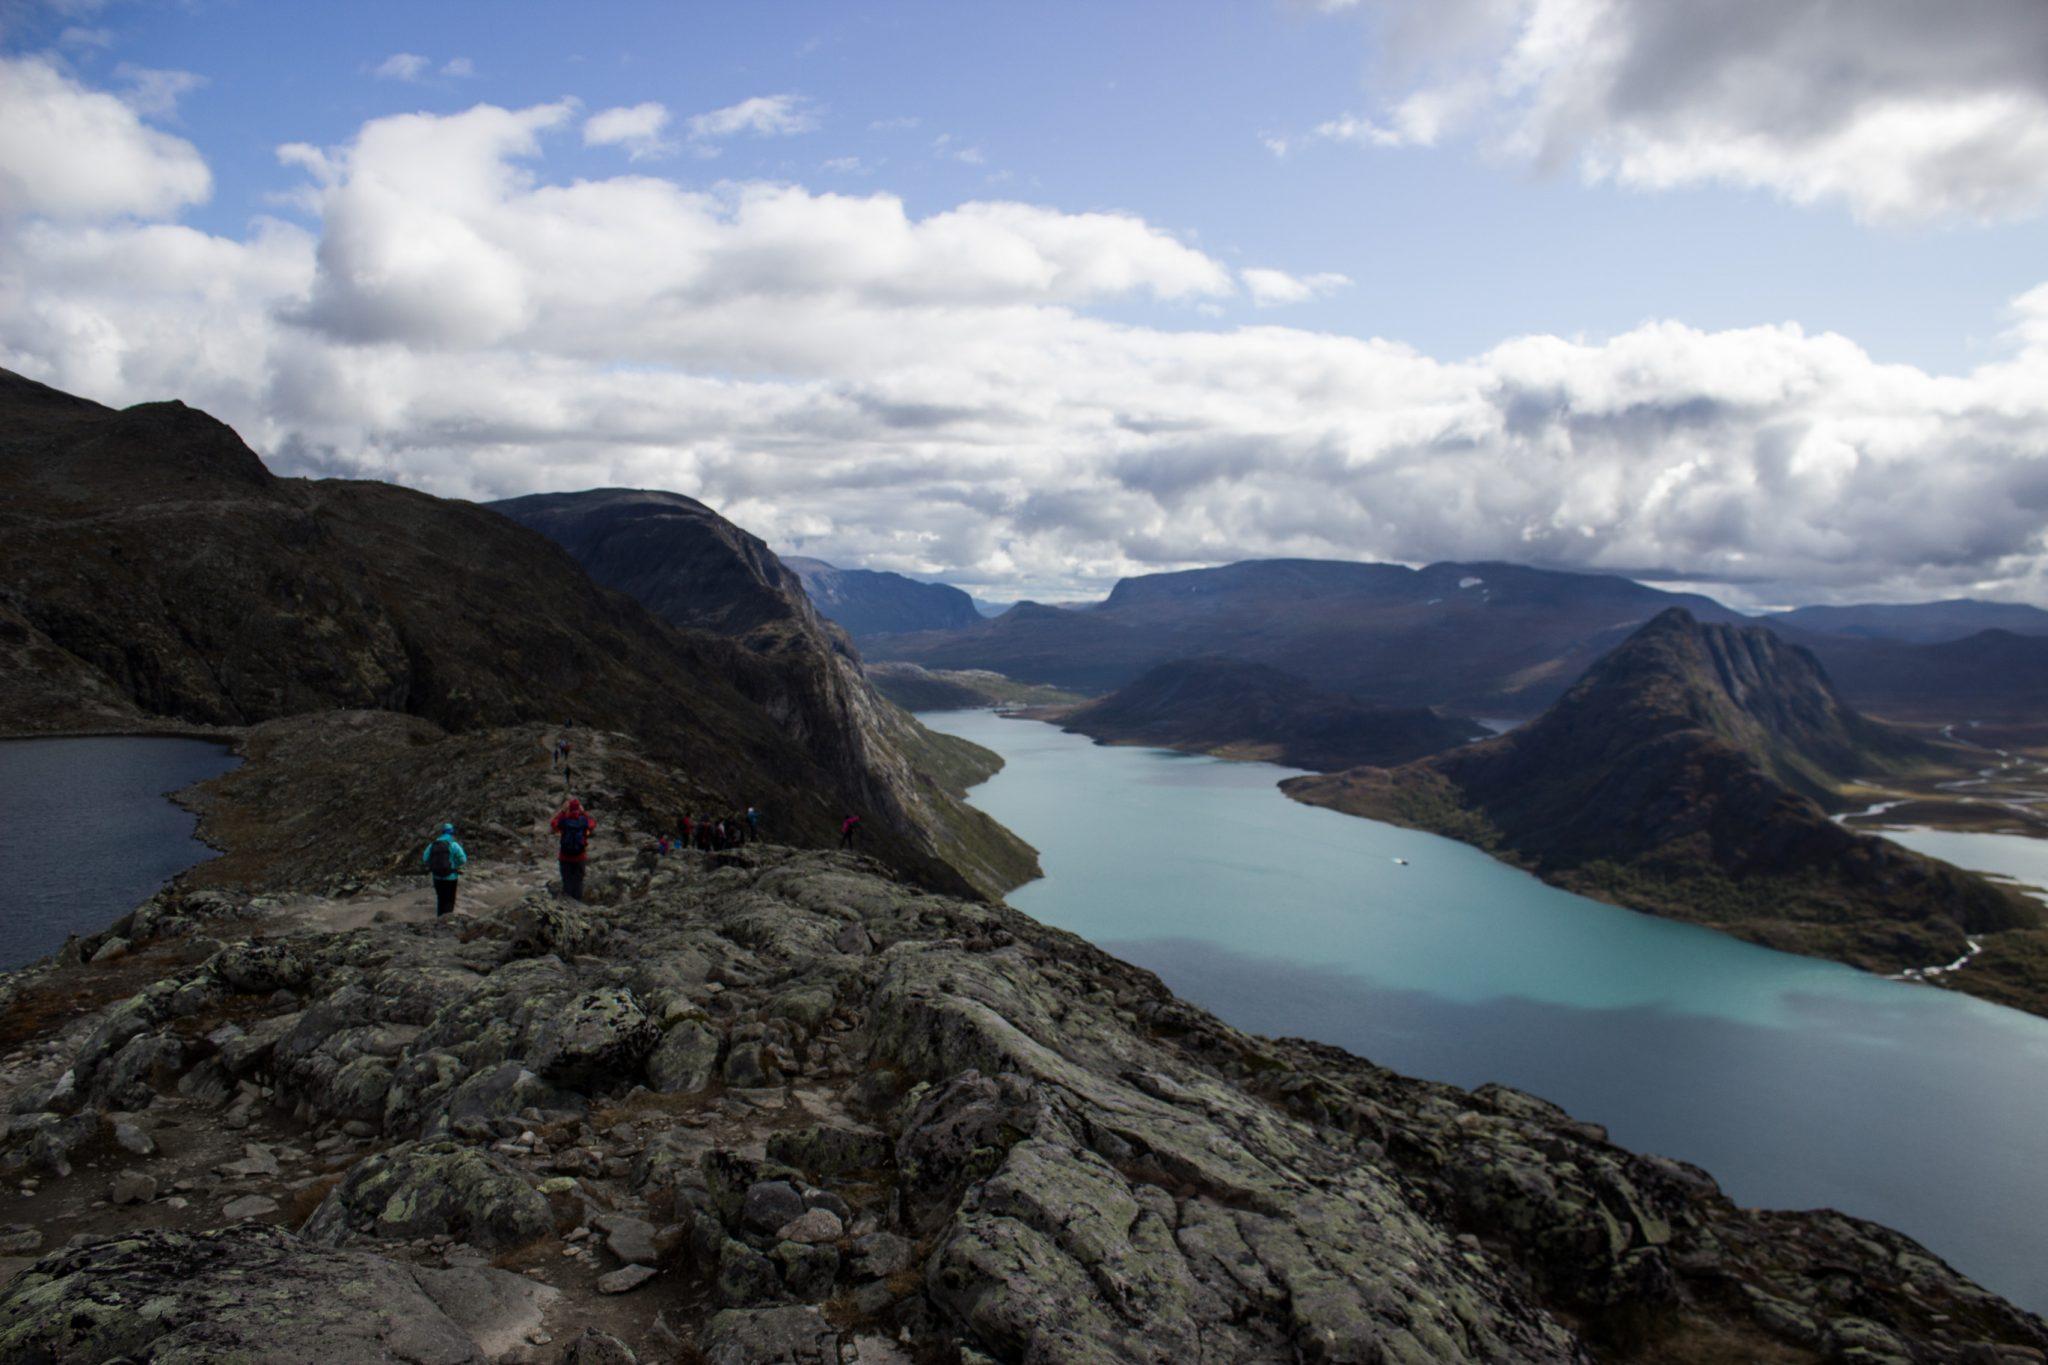 Wanderung Besseggen-Grat im Jotunheimen Nationalpark, Aussicht auf wunderschönen Gjendesee und umgebende Berge, Blick auf Wanderweg Besseggen mit Wanderern